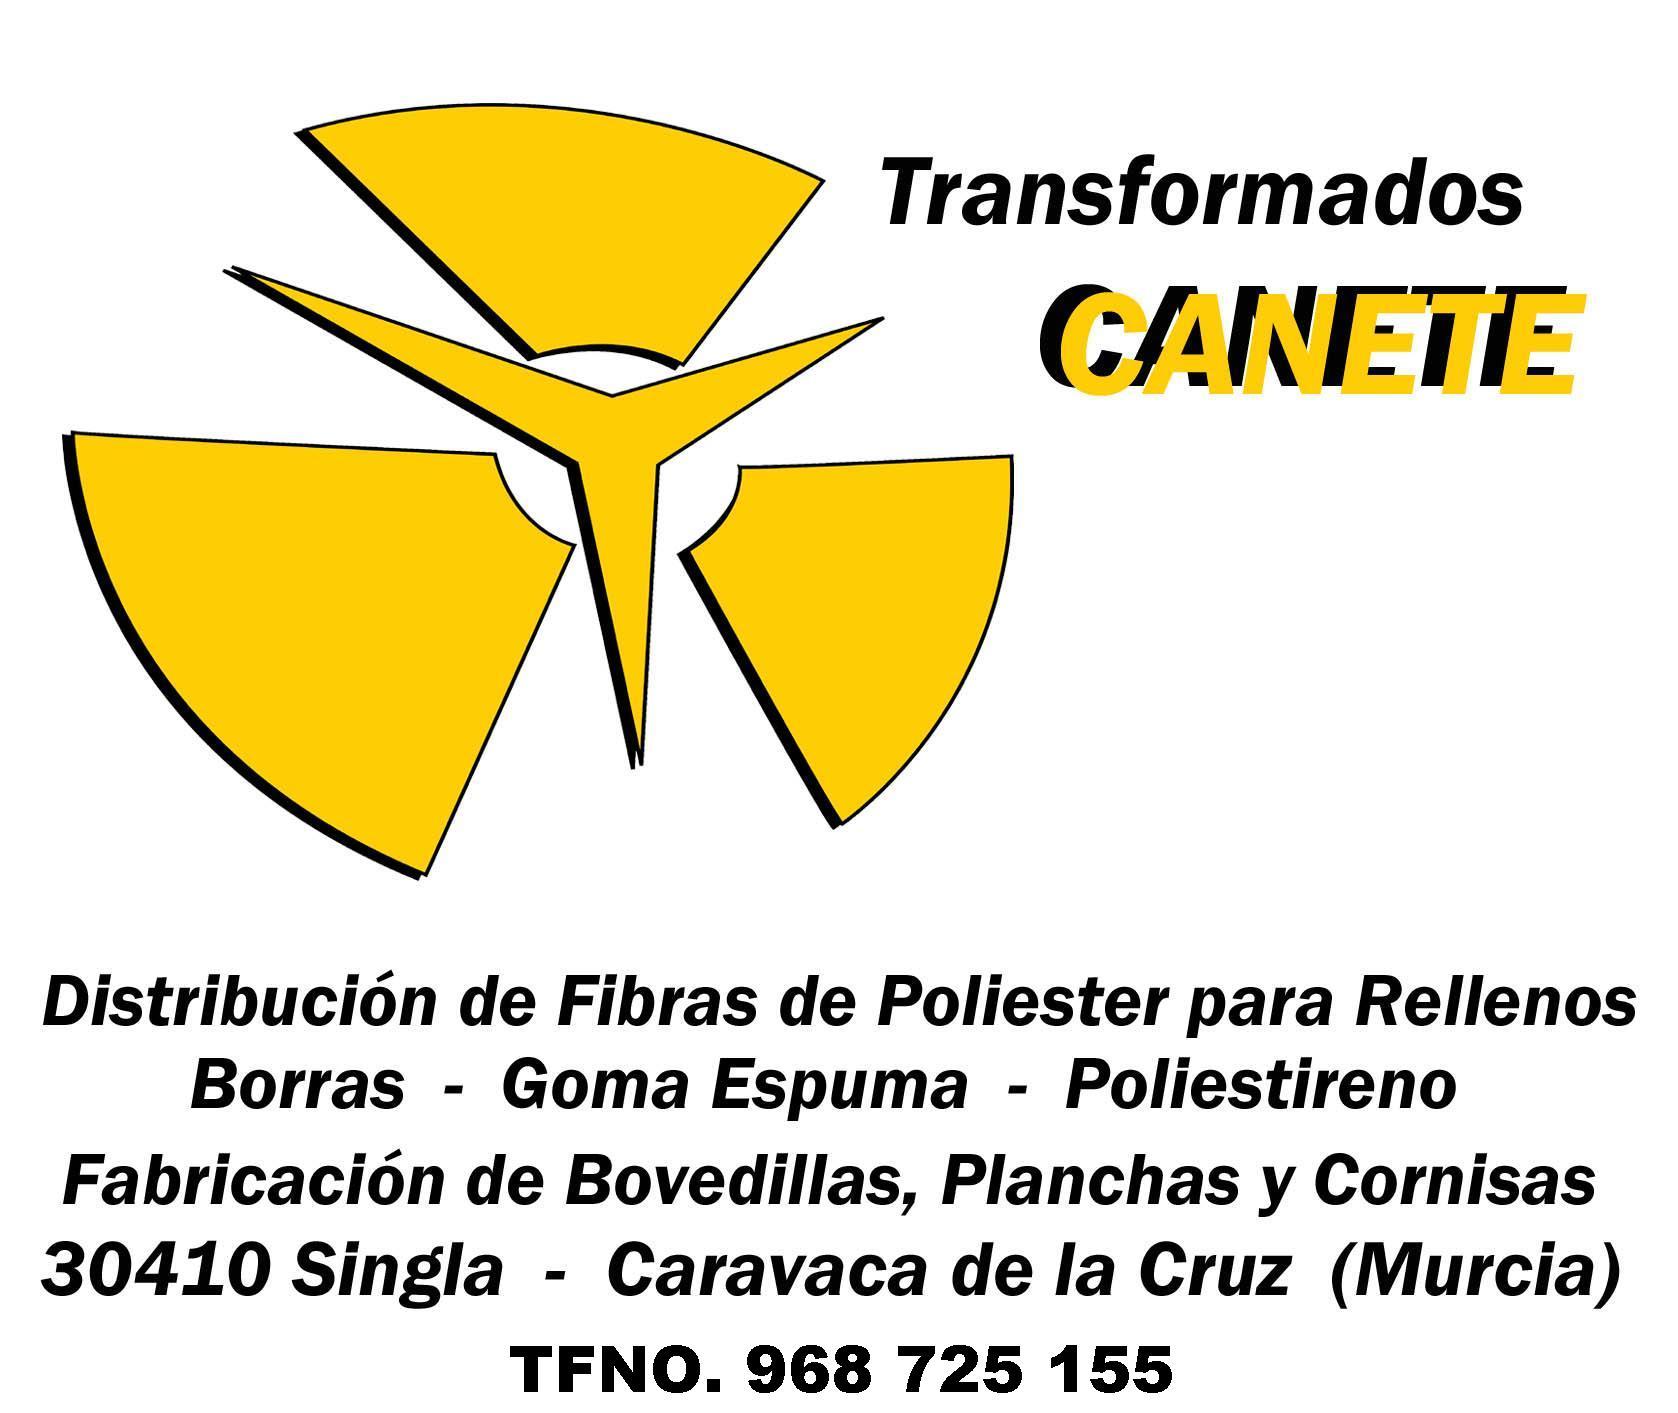 Transformados CANETE